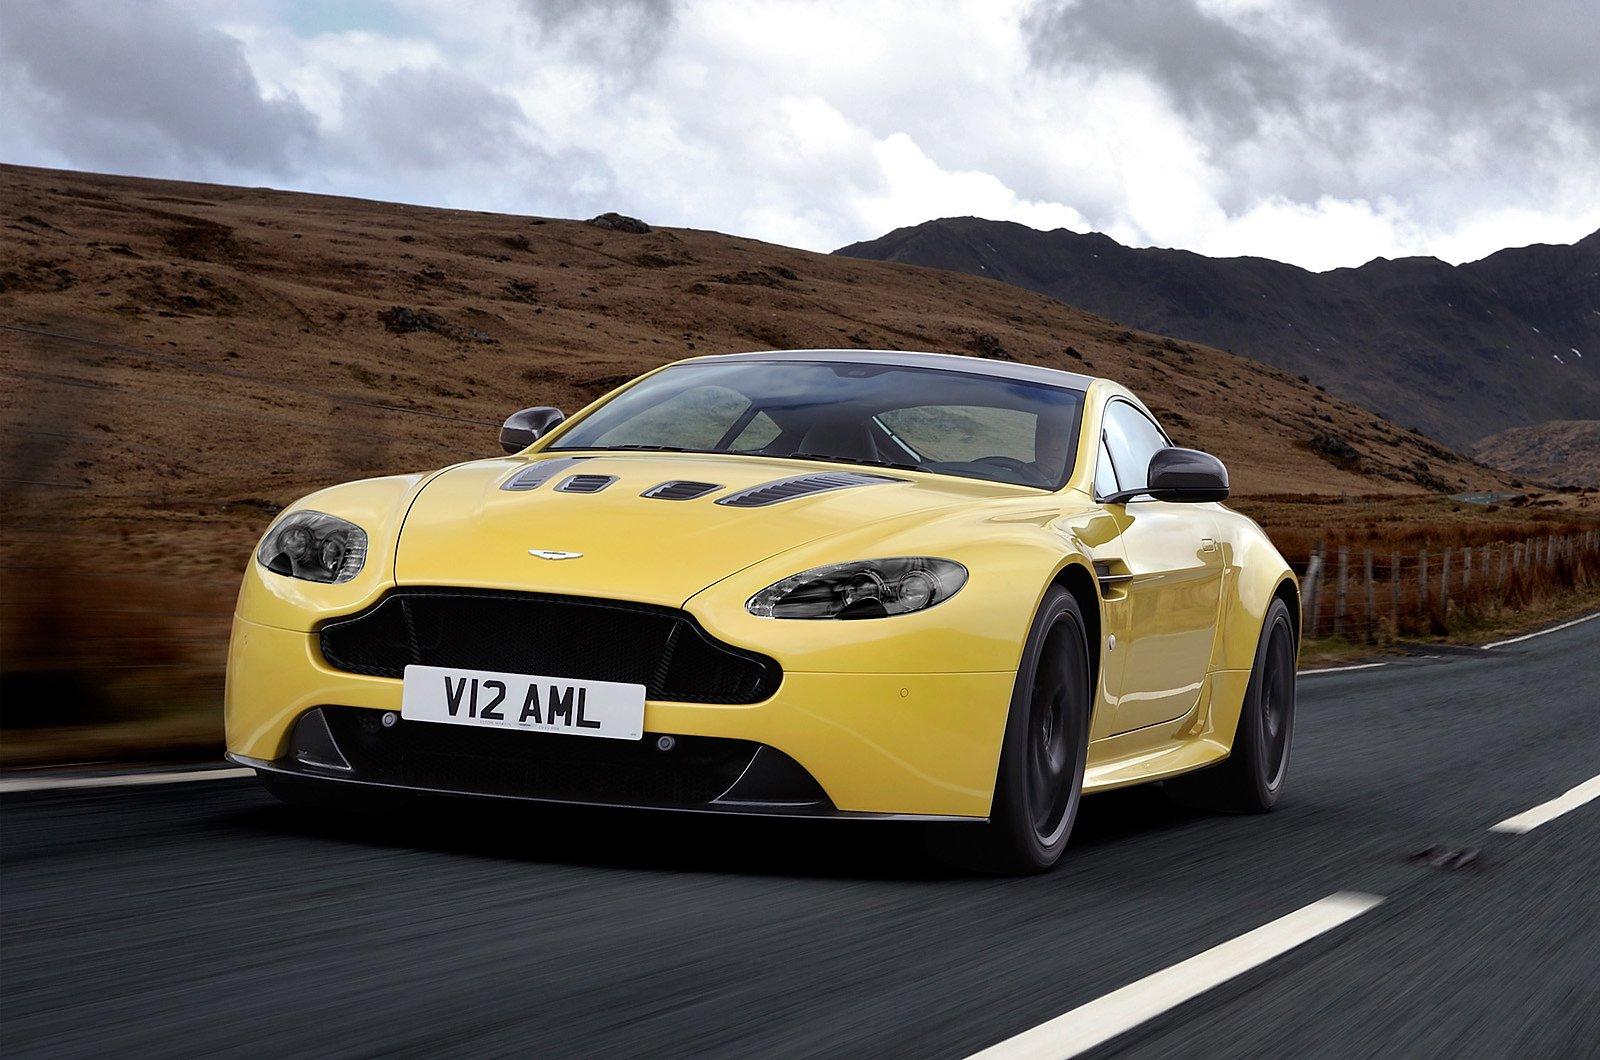 Official 2014 Aston Martin V12 Vantage S